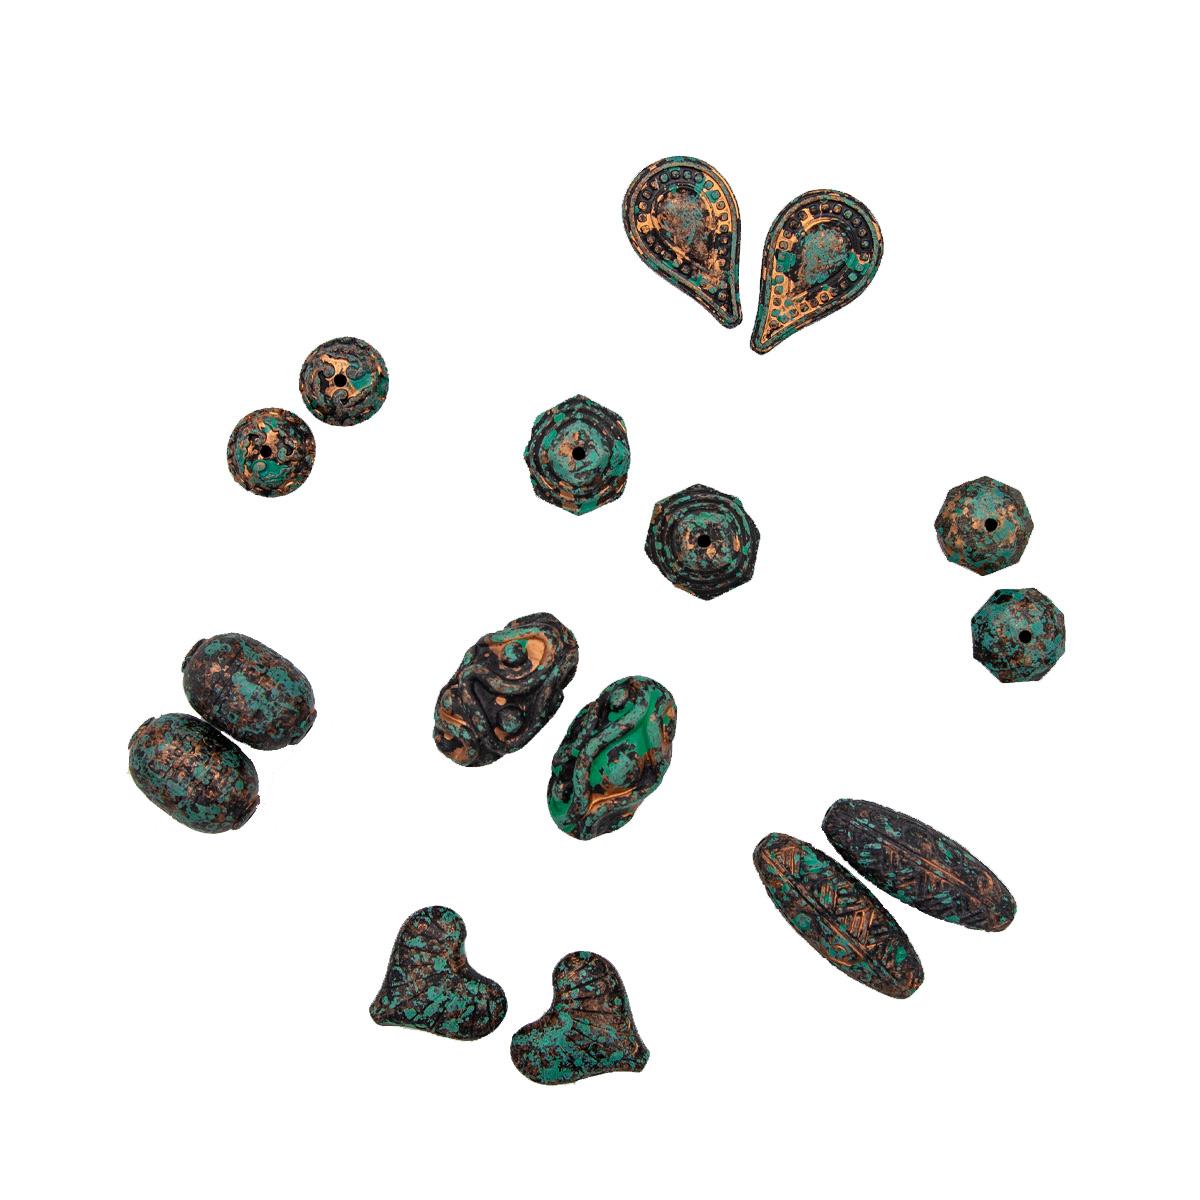 Большой набор пластиковых бусин в античном стиле, 8 дизайнов по 25гр. (66шт), Астра